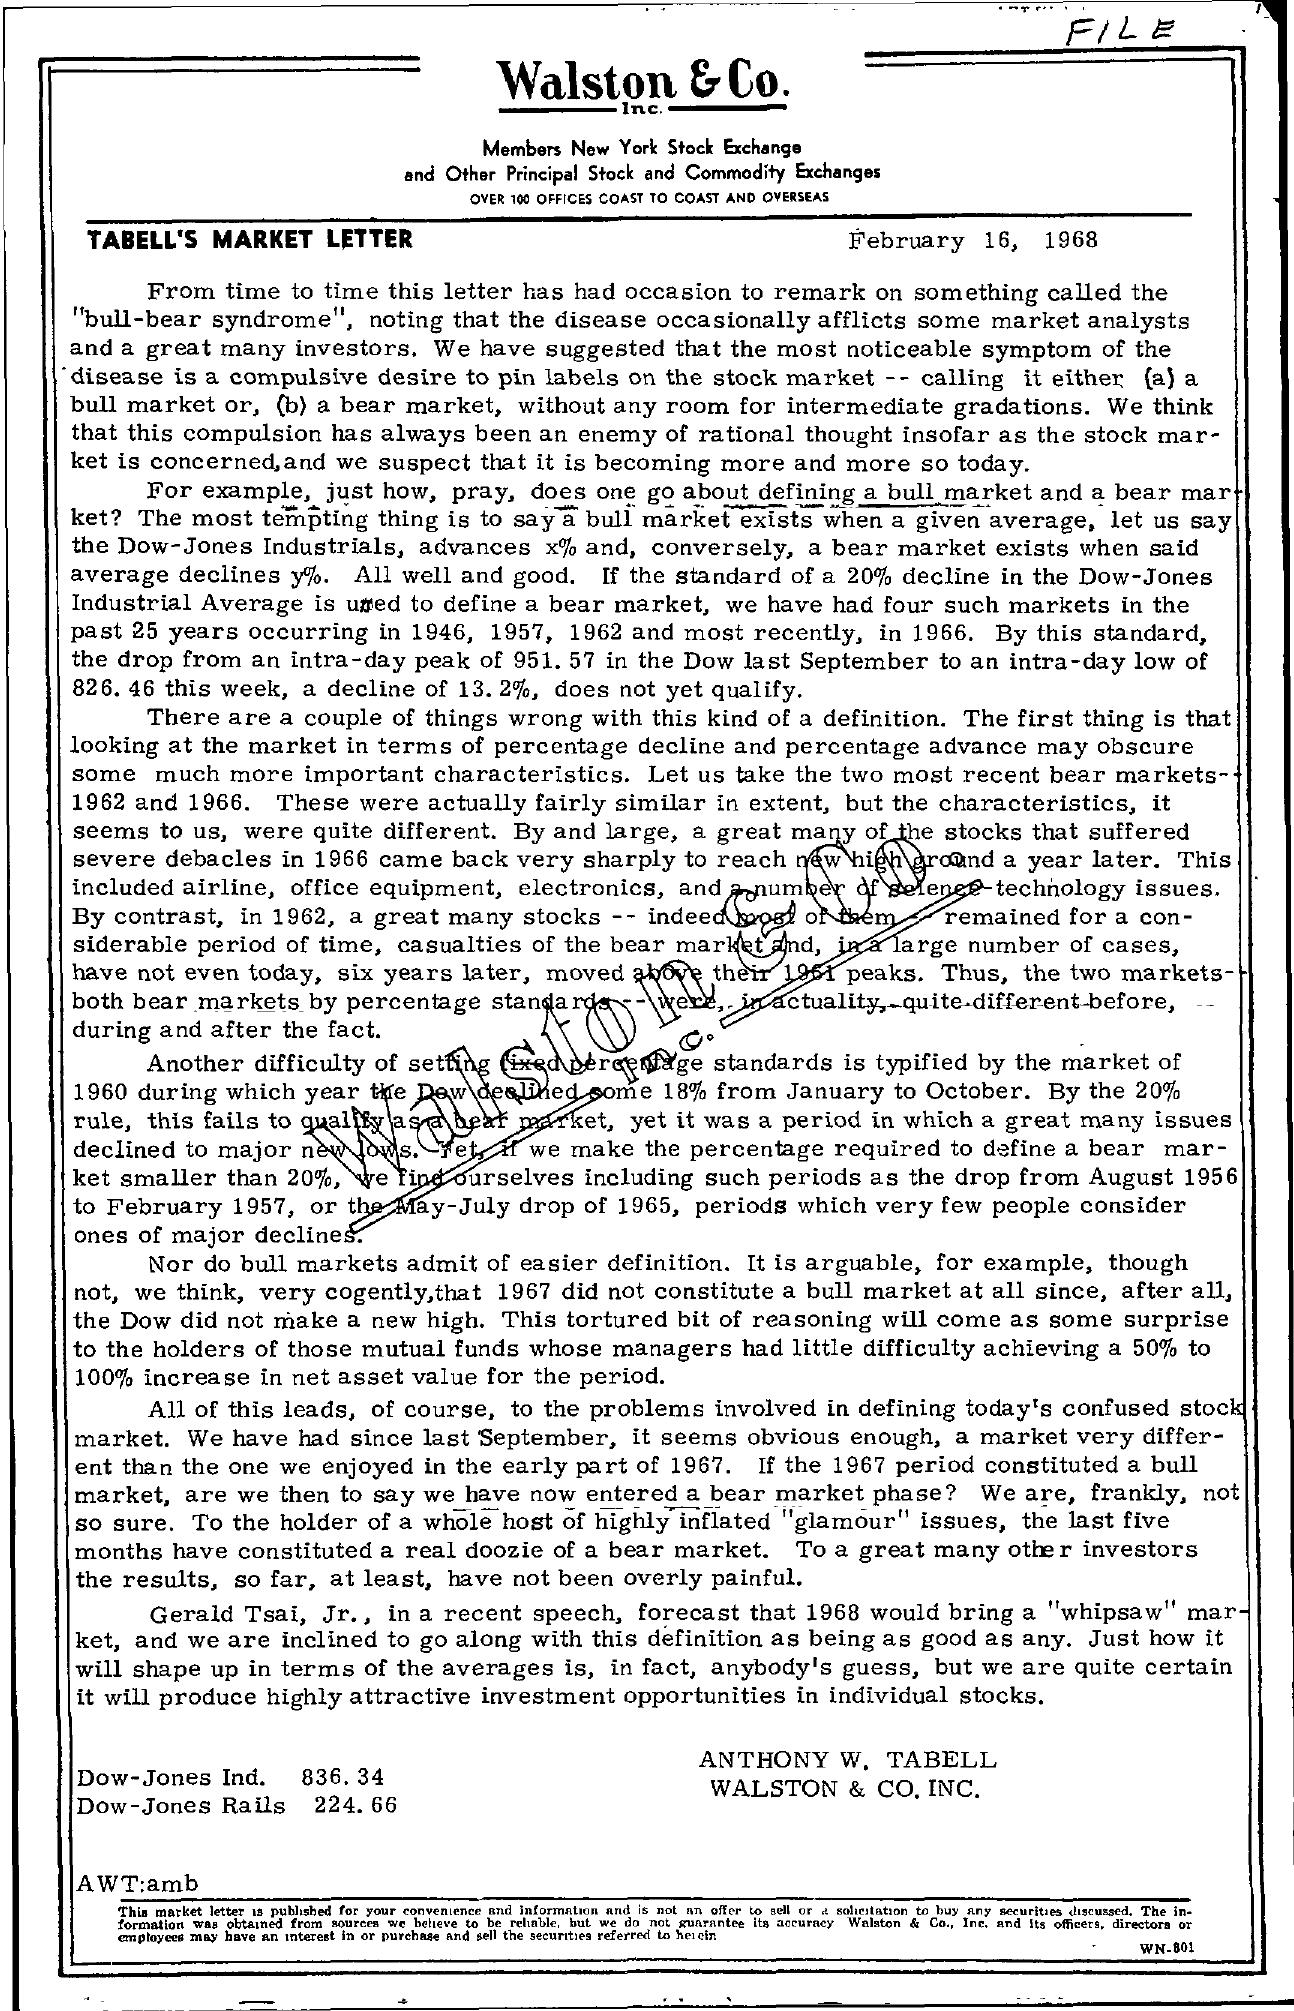 Tabell's Market Letter - February 16, 1968